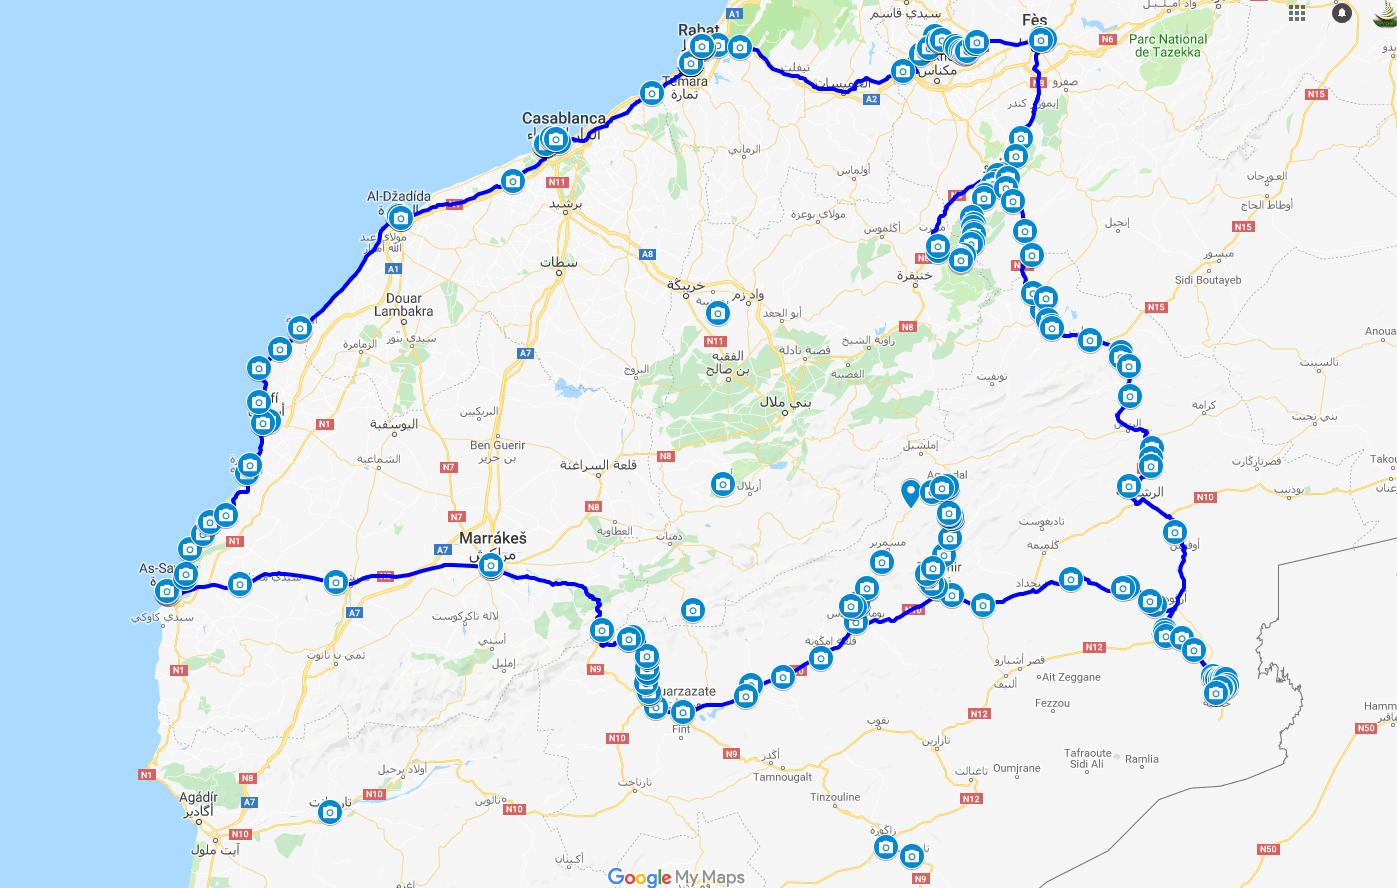 https://www.kempy-chaty.cz/sites/default/files/turistika/cesta_po_maroku_mapa_0.png